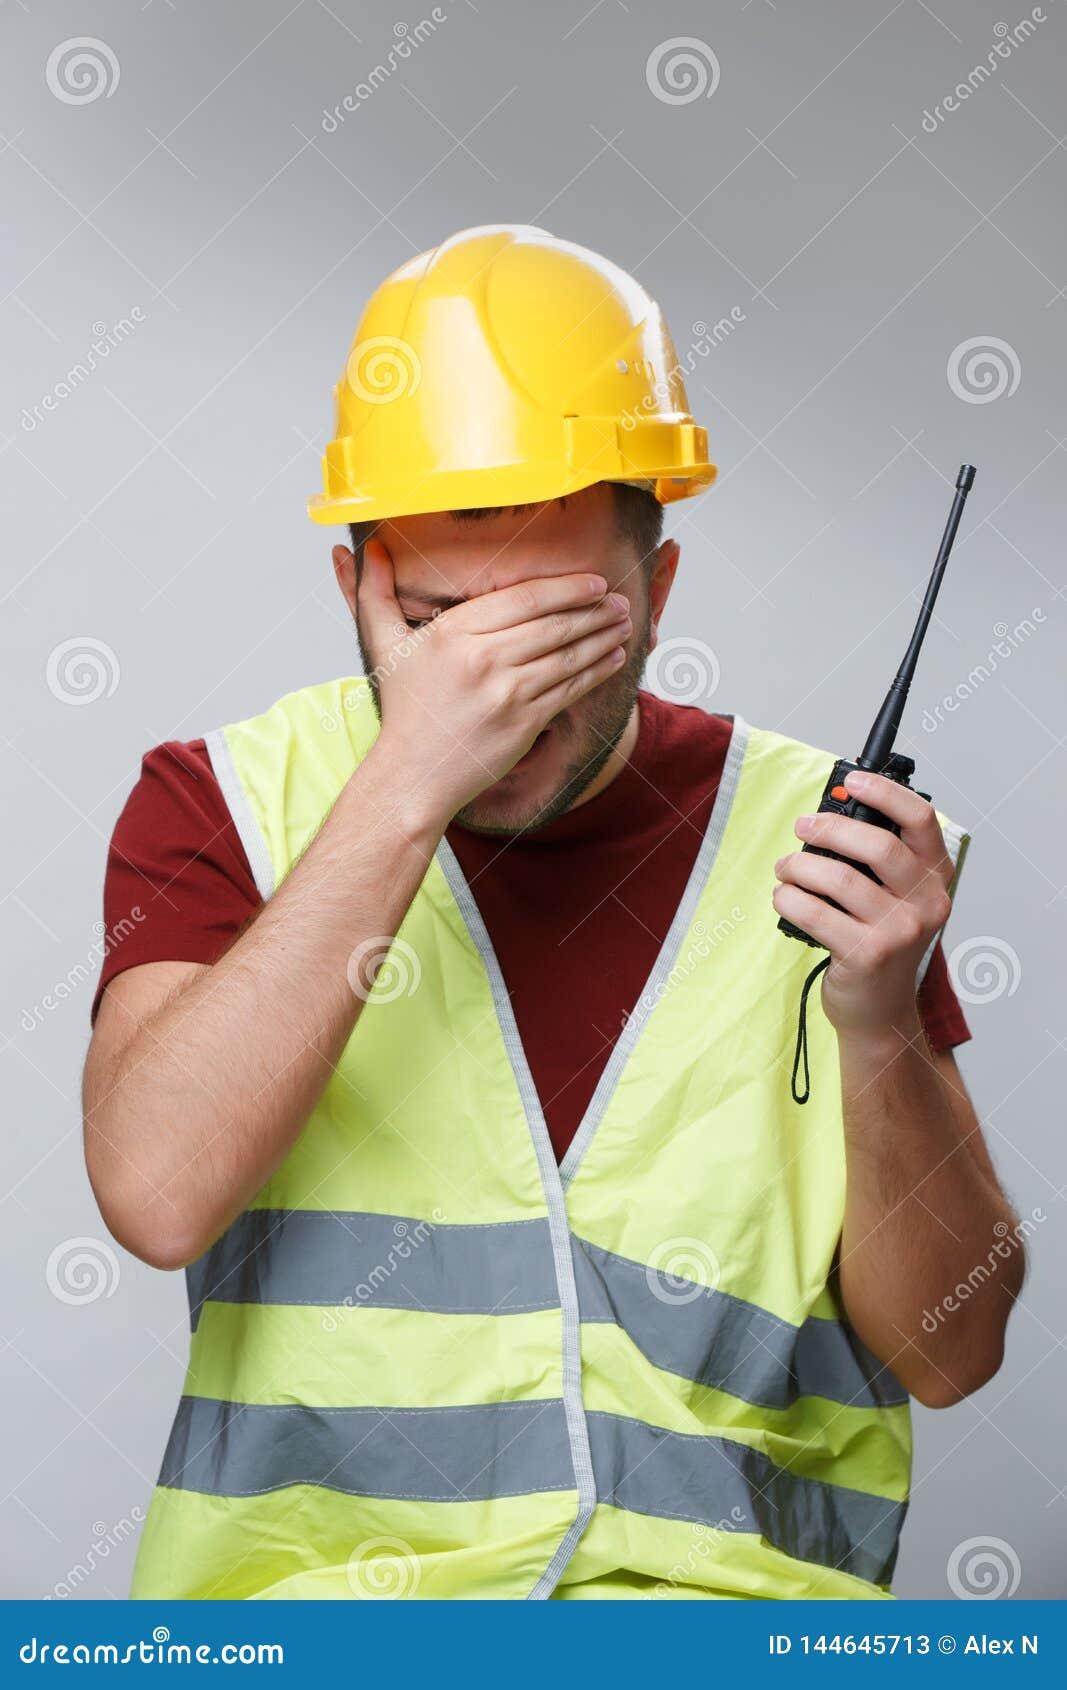 Foto van ongelukkig bouwersmannetje in gele helm met walkie-talkie op lege grijze achtergrond